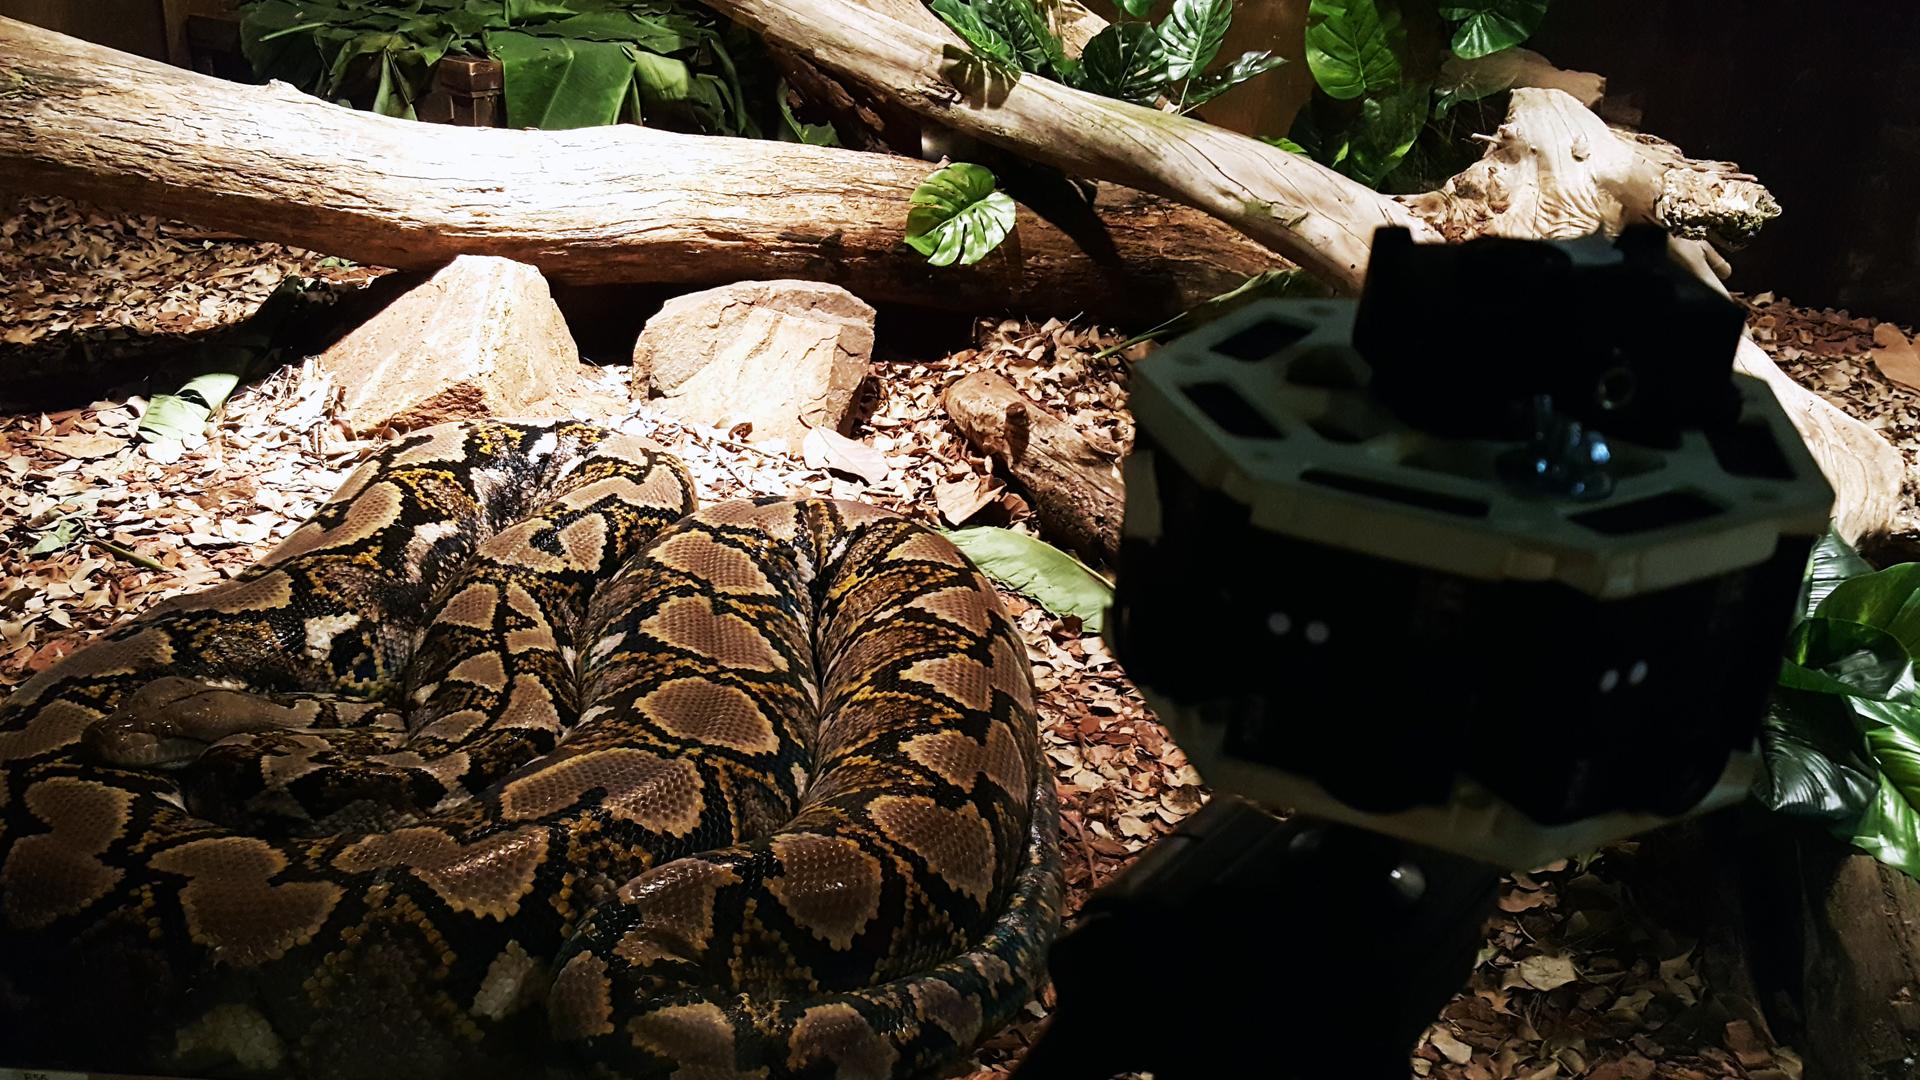 360-video-snake